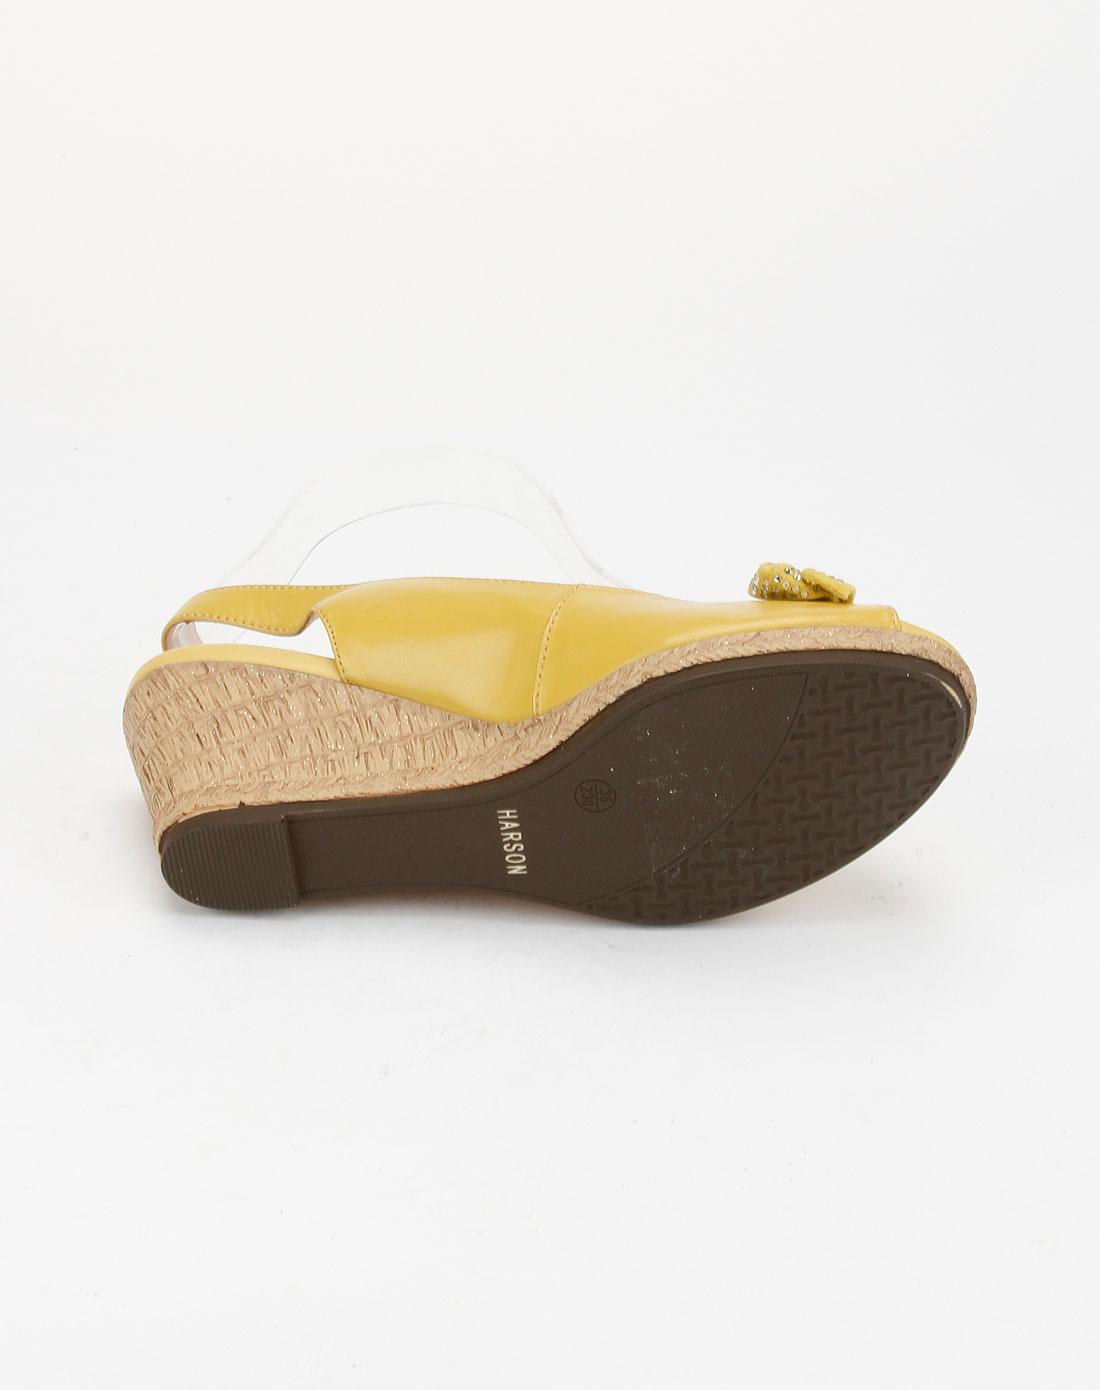 哈森harson黄色时尚简约高跟鱼嘴鞋hs18407-012